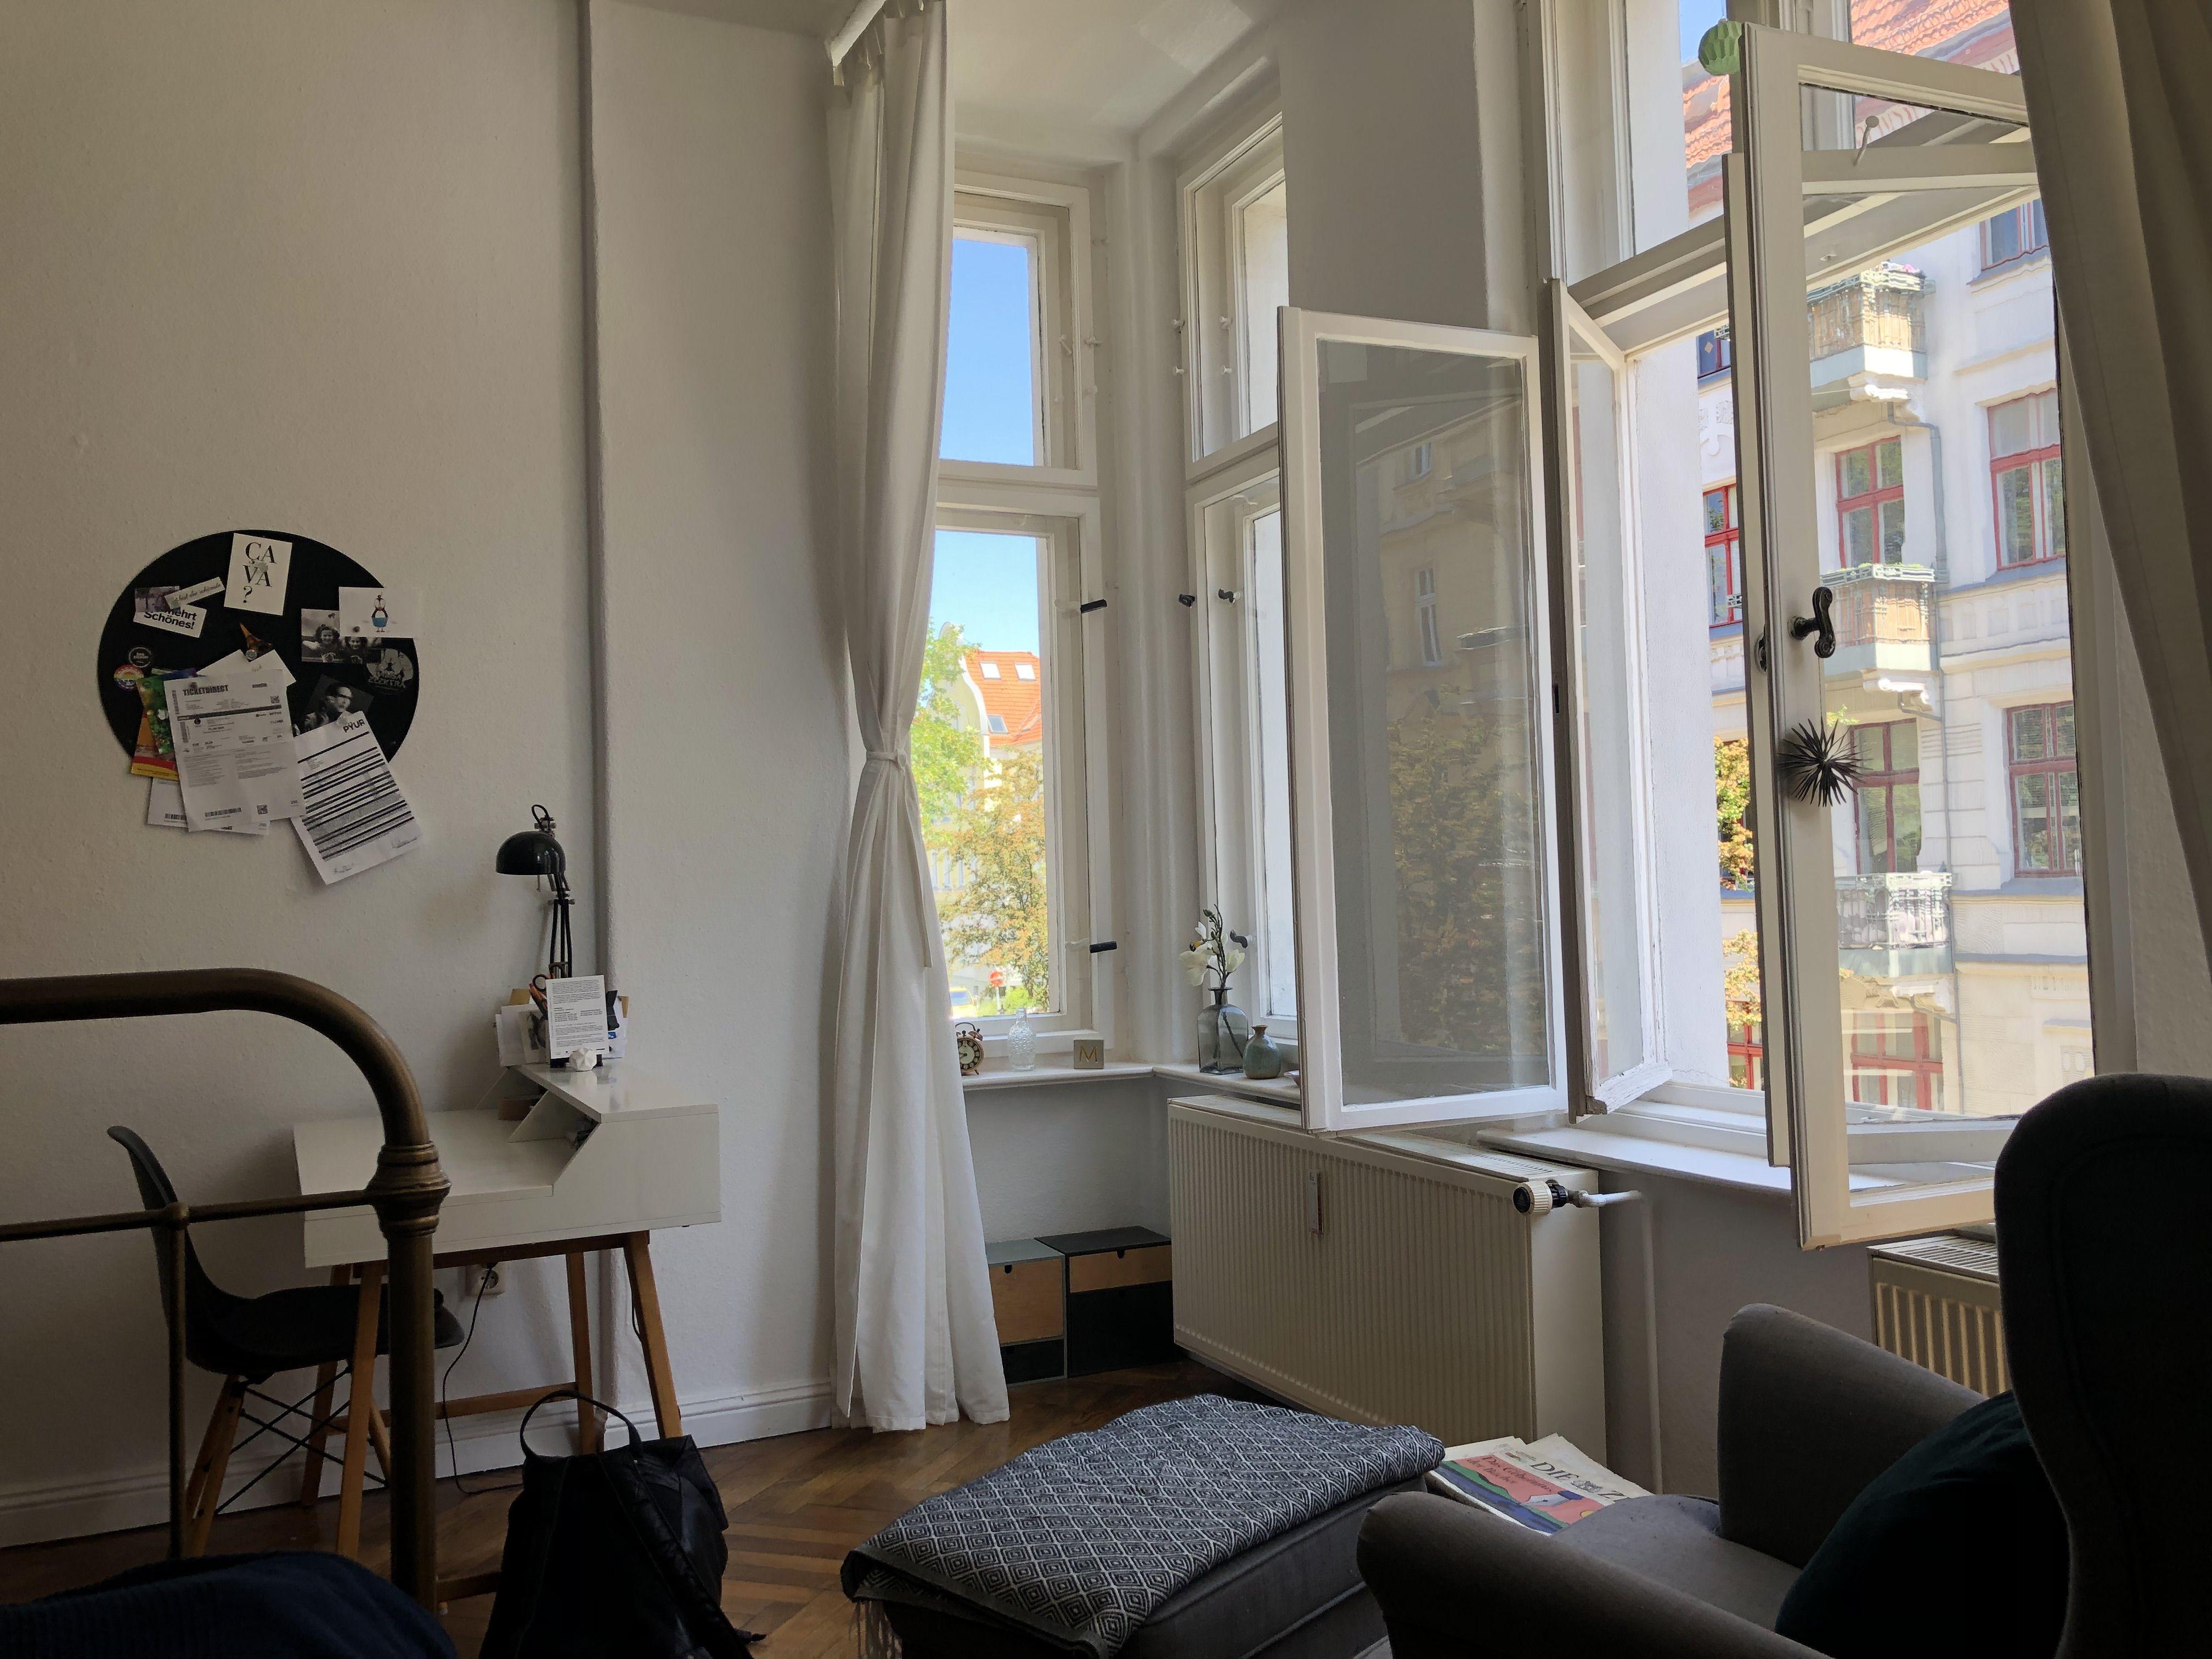 Schones Wg Zimmer In Altbau In 2020 Wg Zimmer Leipzig Wohnung Innenarchitektur